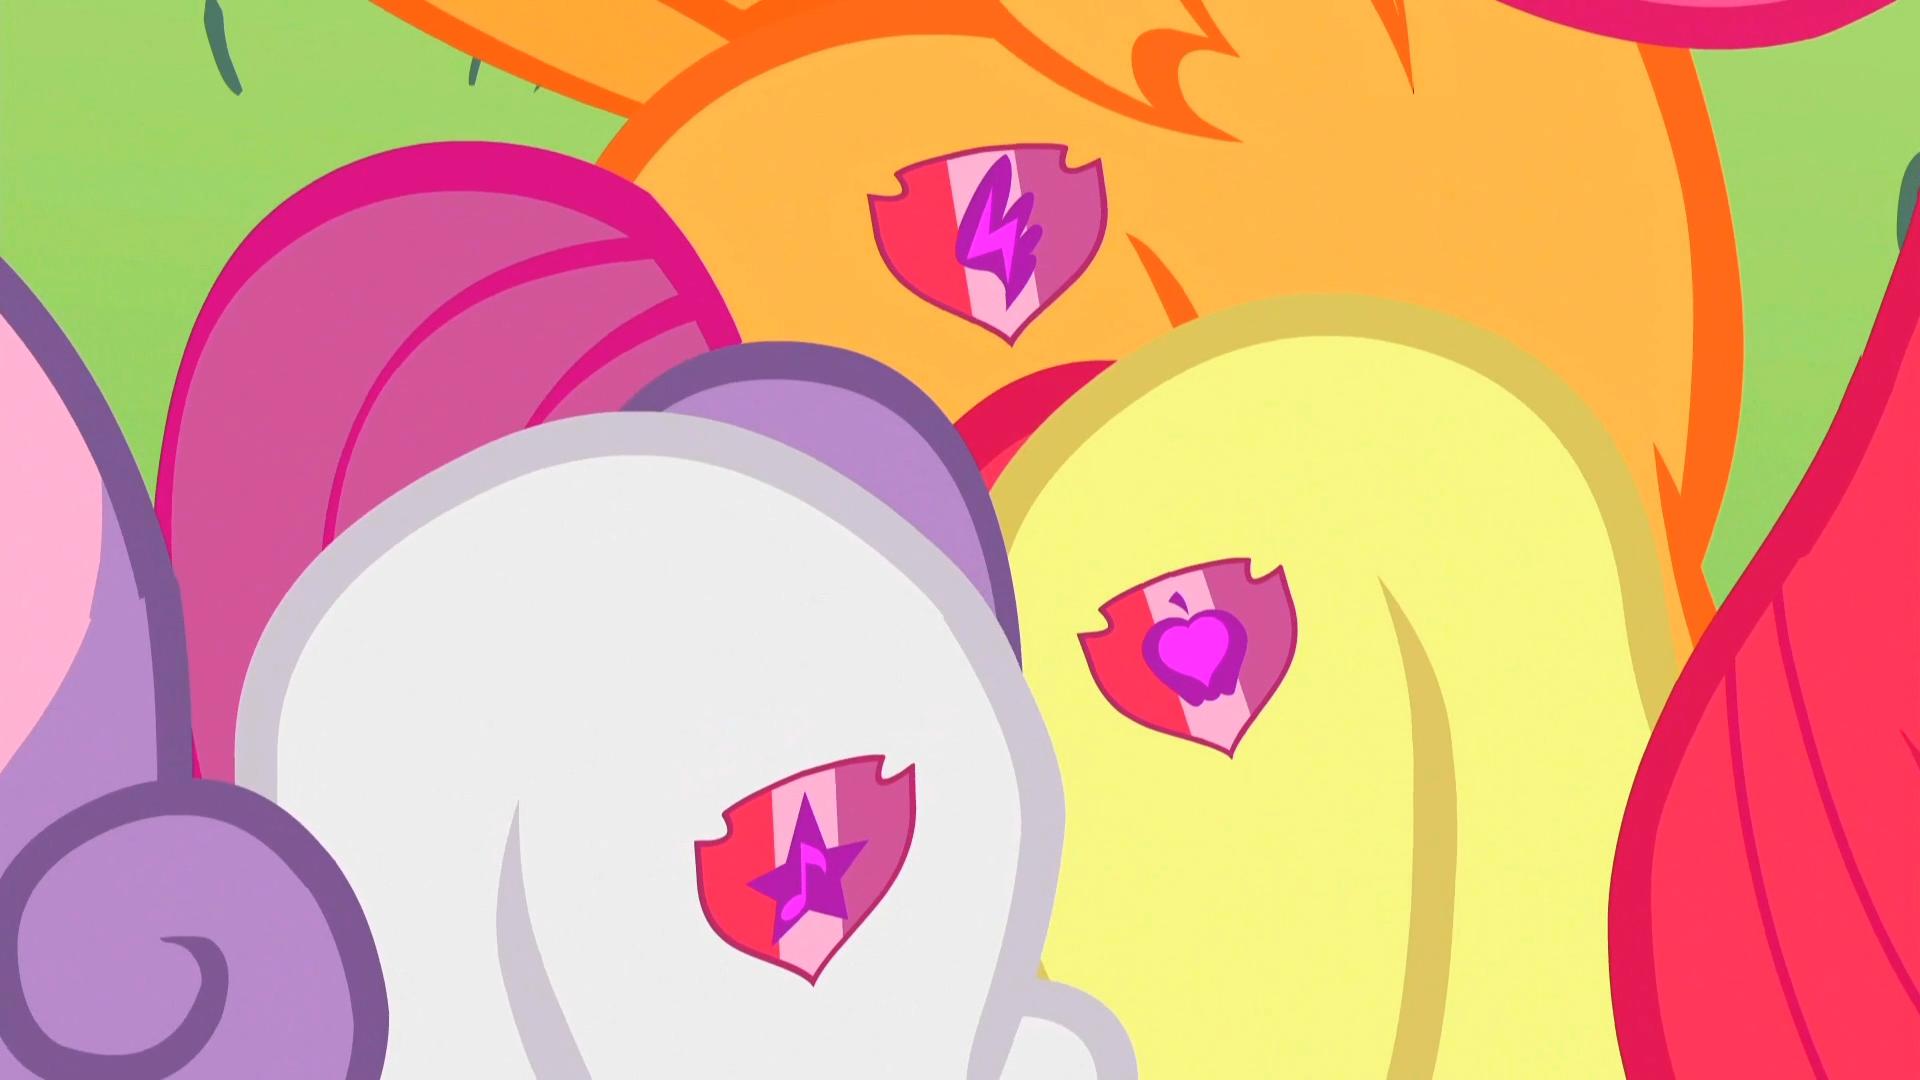 最后小马宝莉里的苹果丽丽它们三个得到可爱标志了吗?